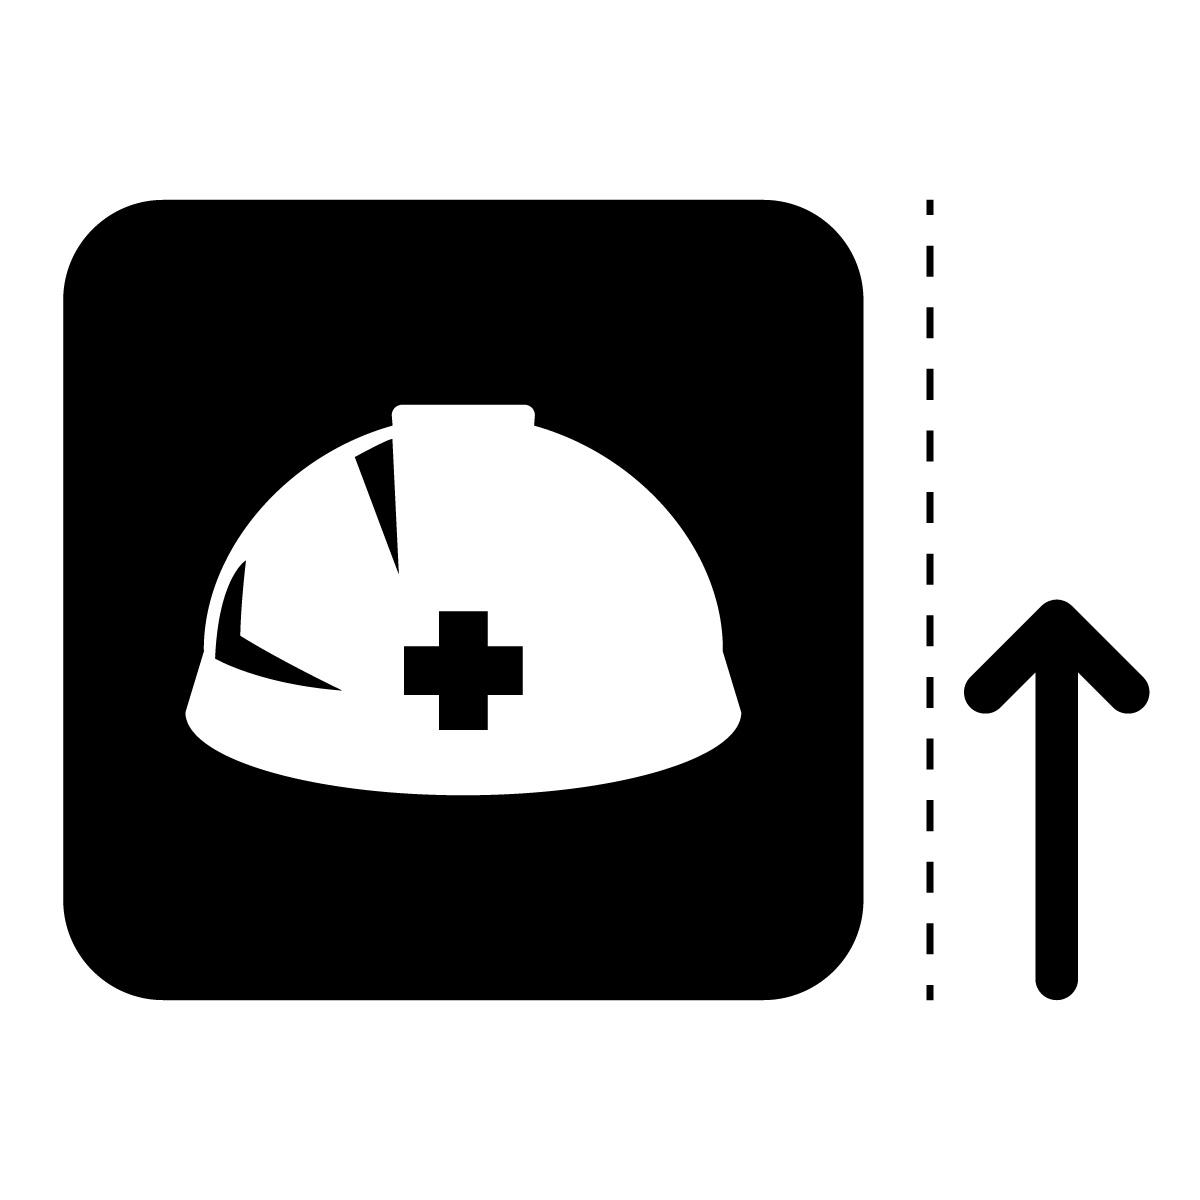 黒色のヘルメット・着用 事故防止の案内マークのカッティングステッカー・シール